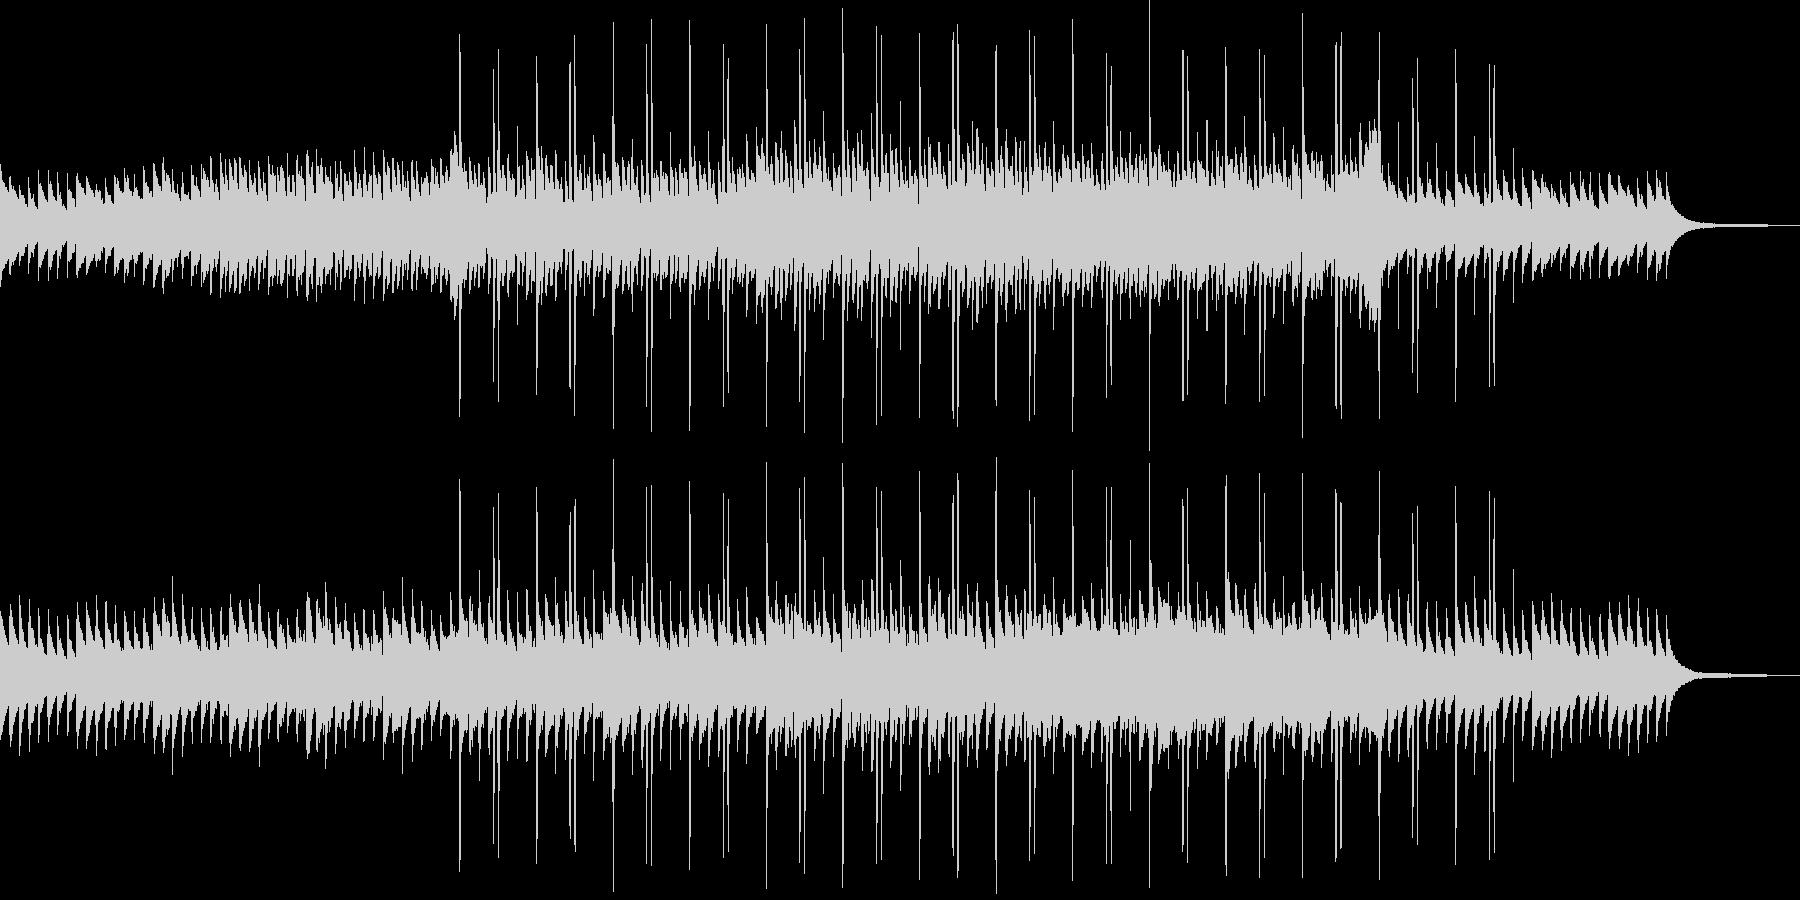 瑞々しさのあるアンビエントな曲の未再生の波形